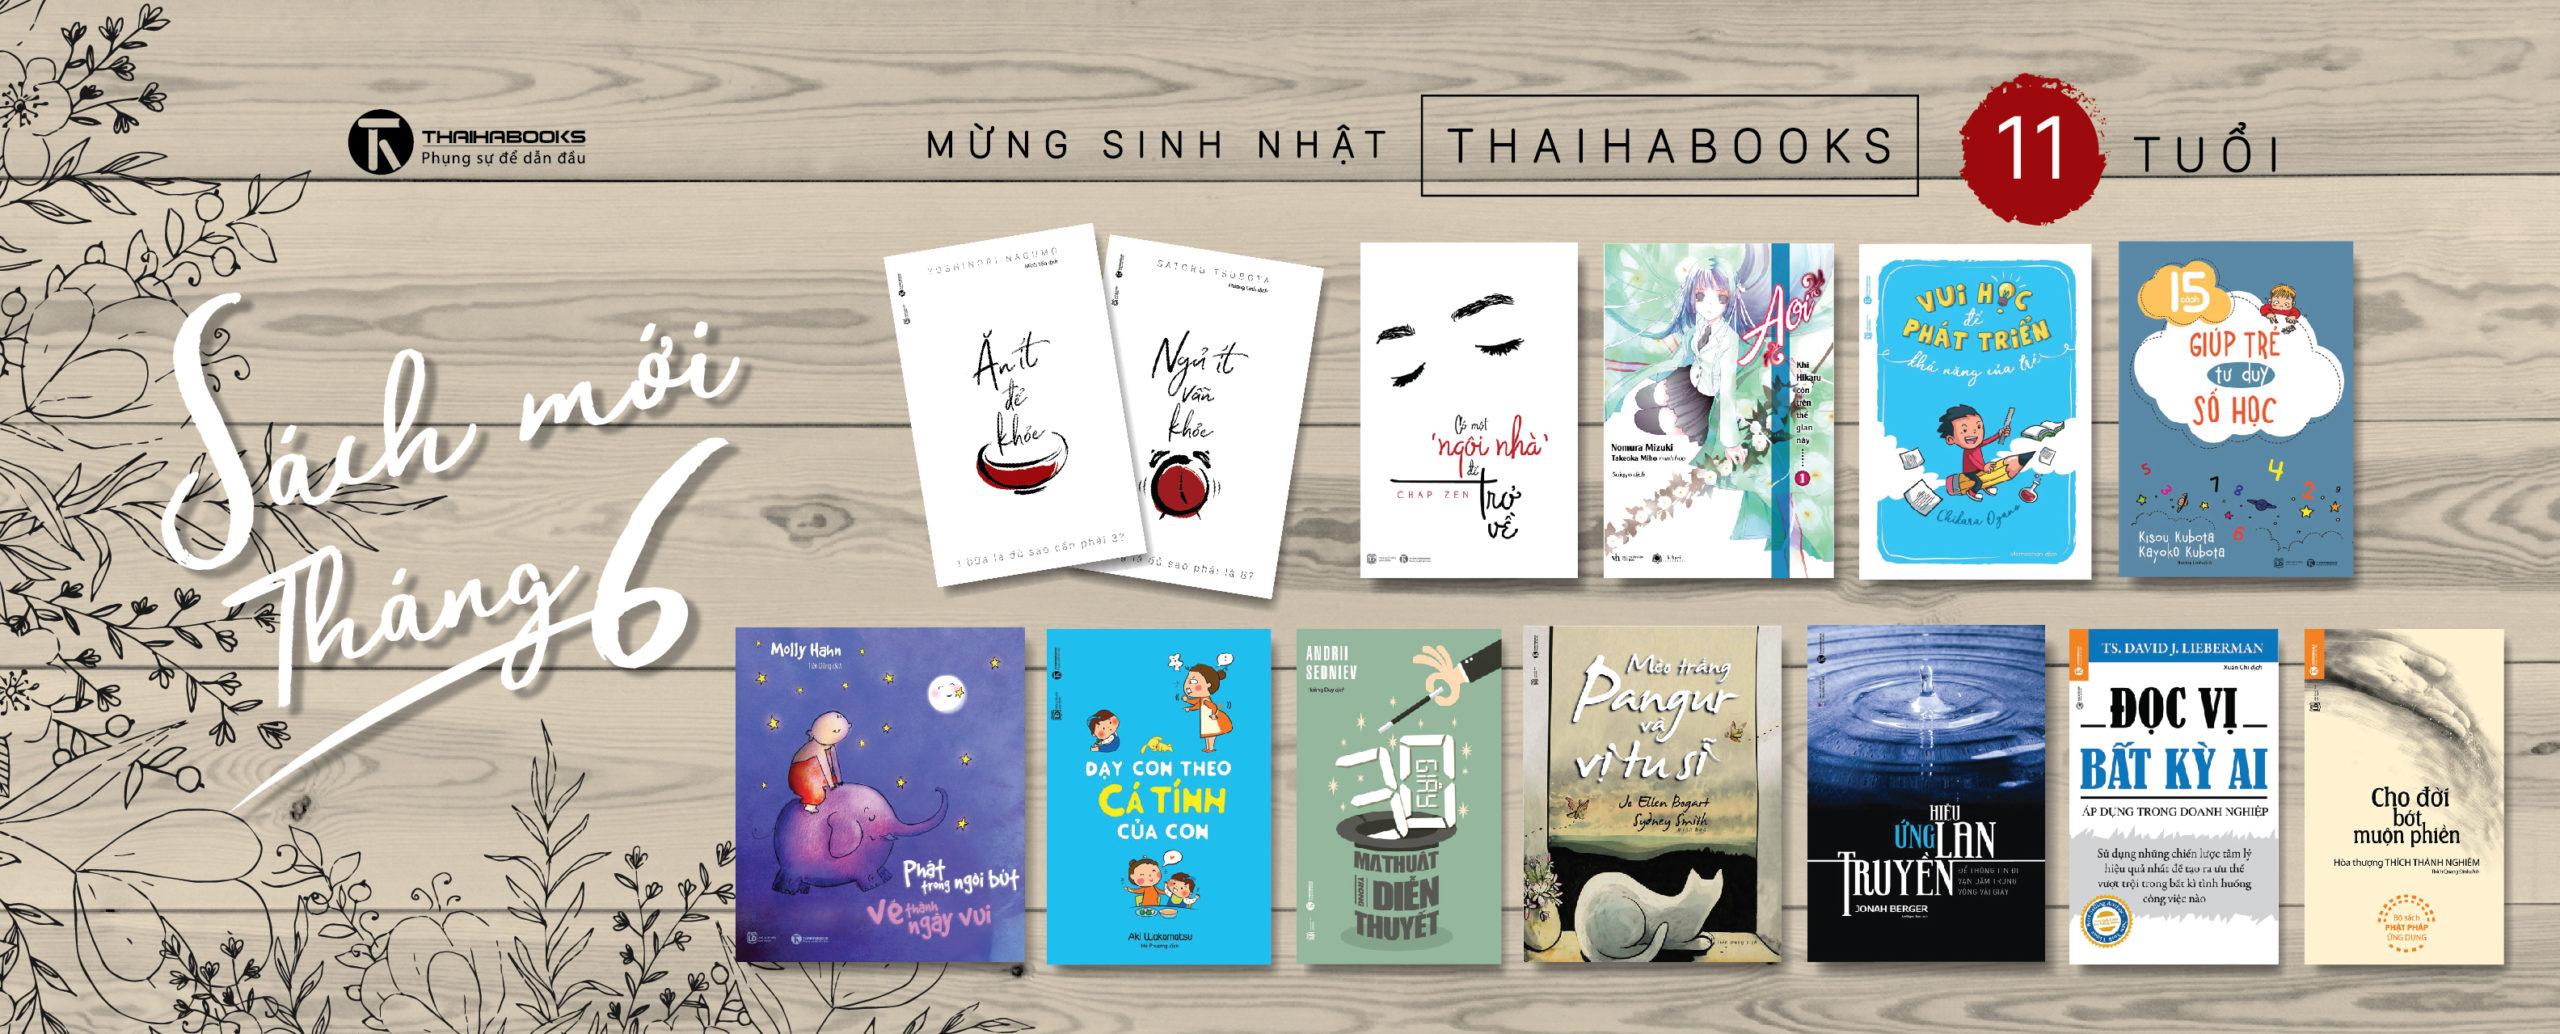 Sách mới tháng 6 – Đón sinh nhật Thái Hà